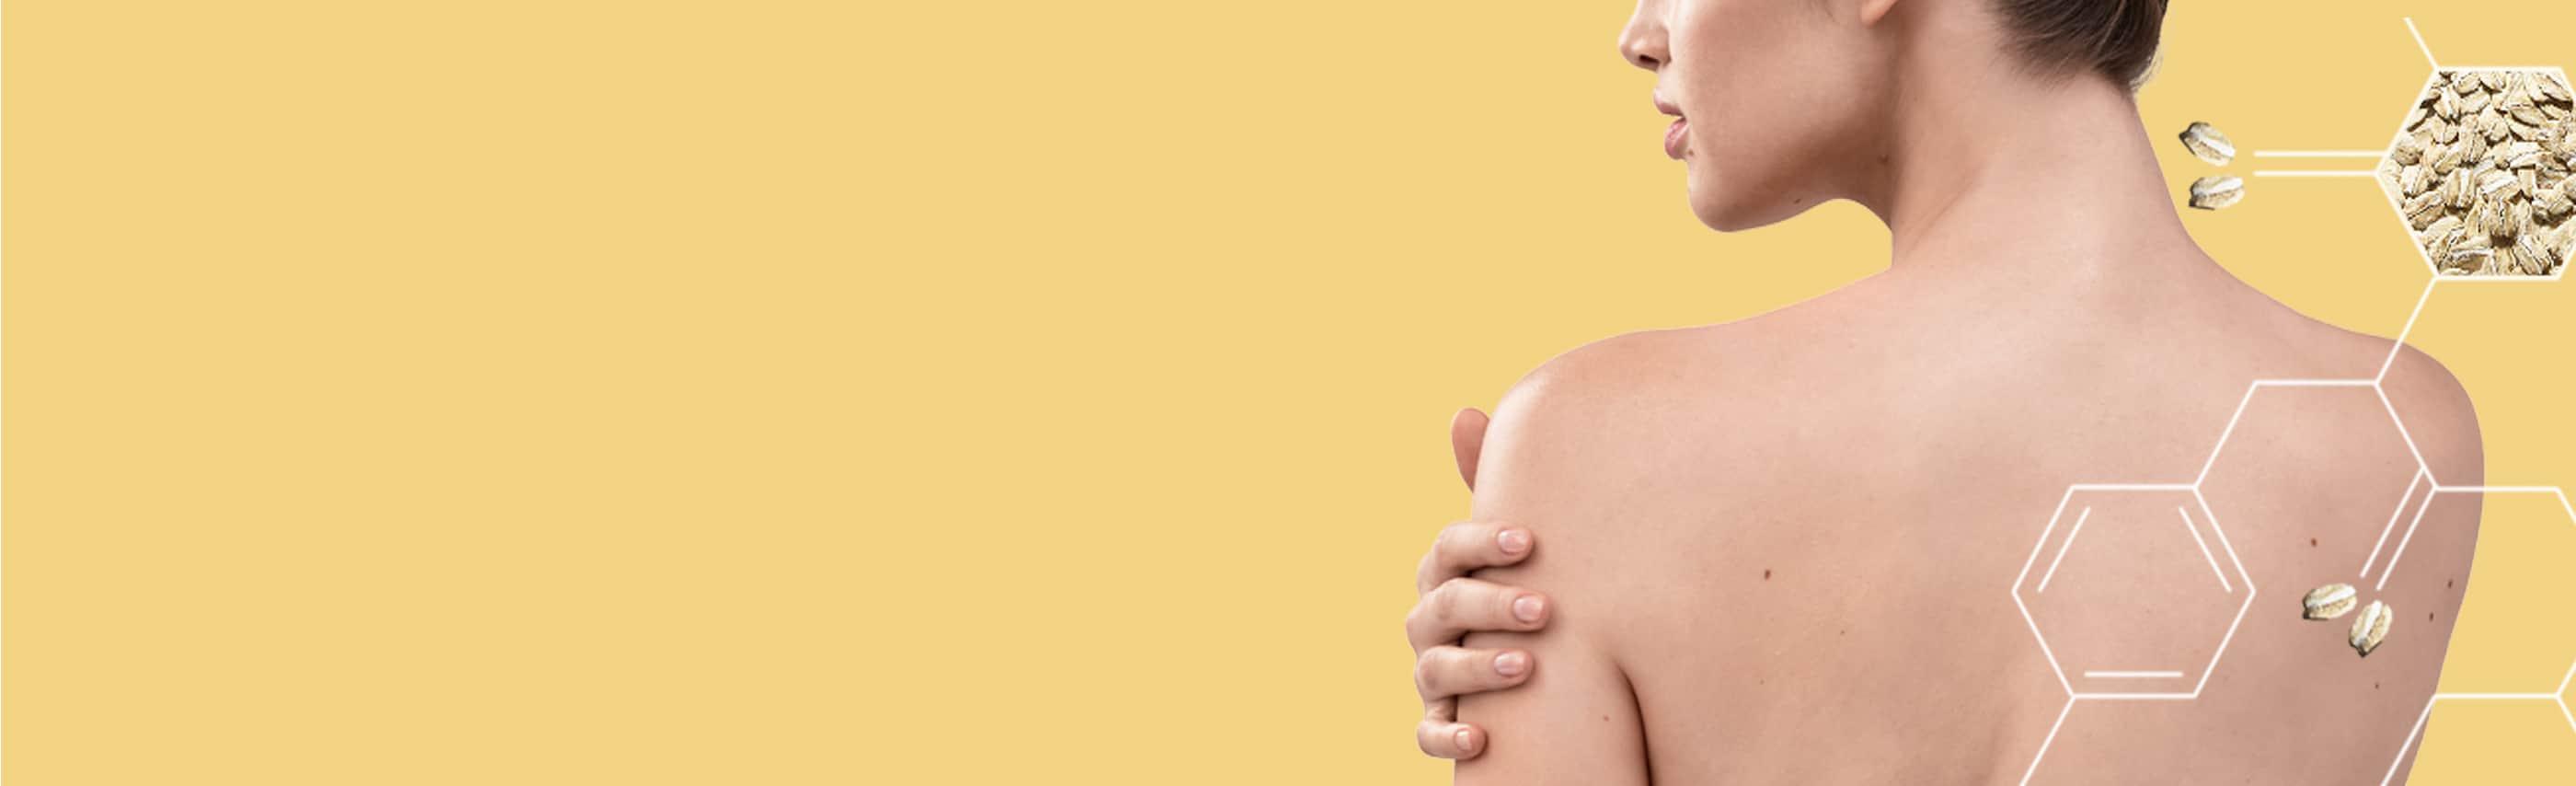 aveeno-daily-moisturizing-banner-image.jpg